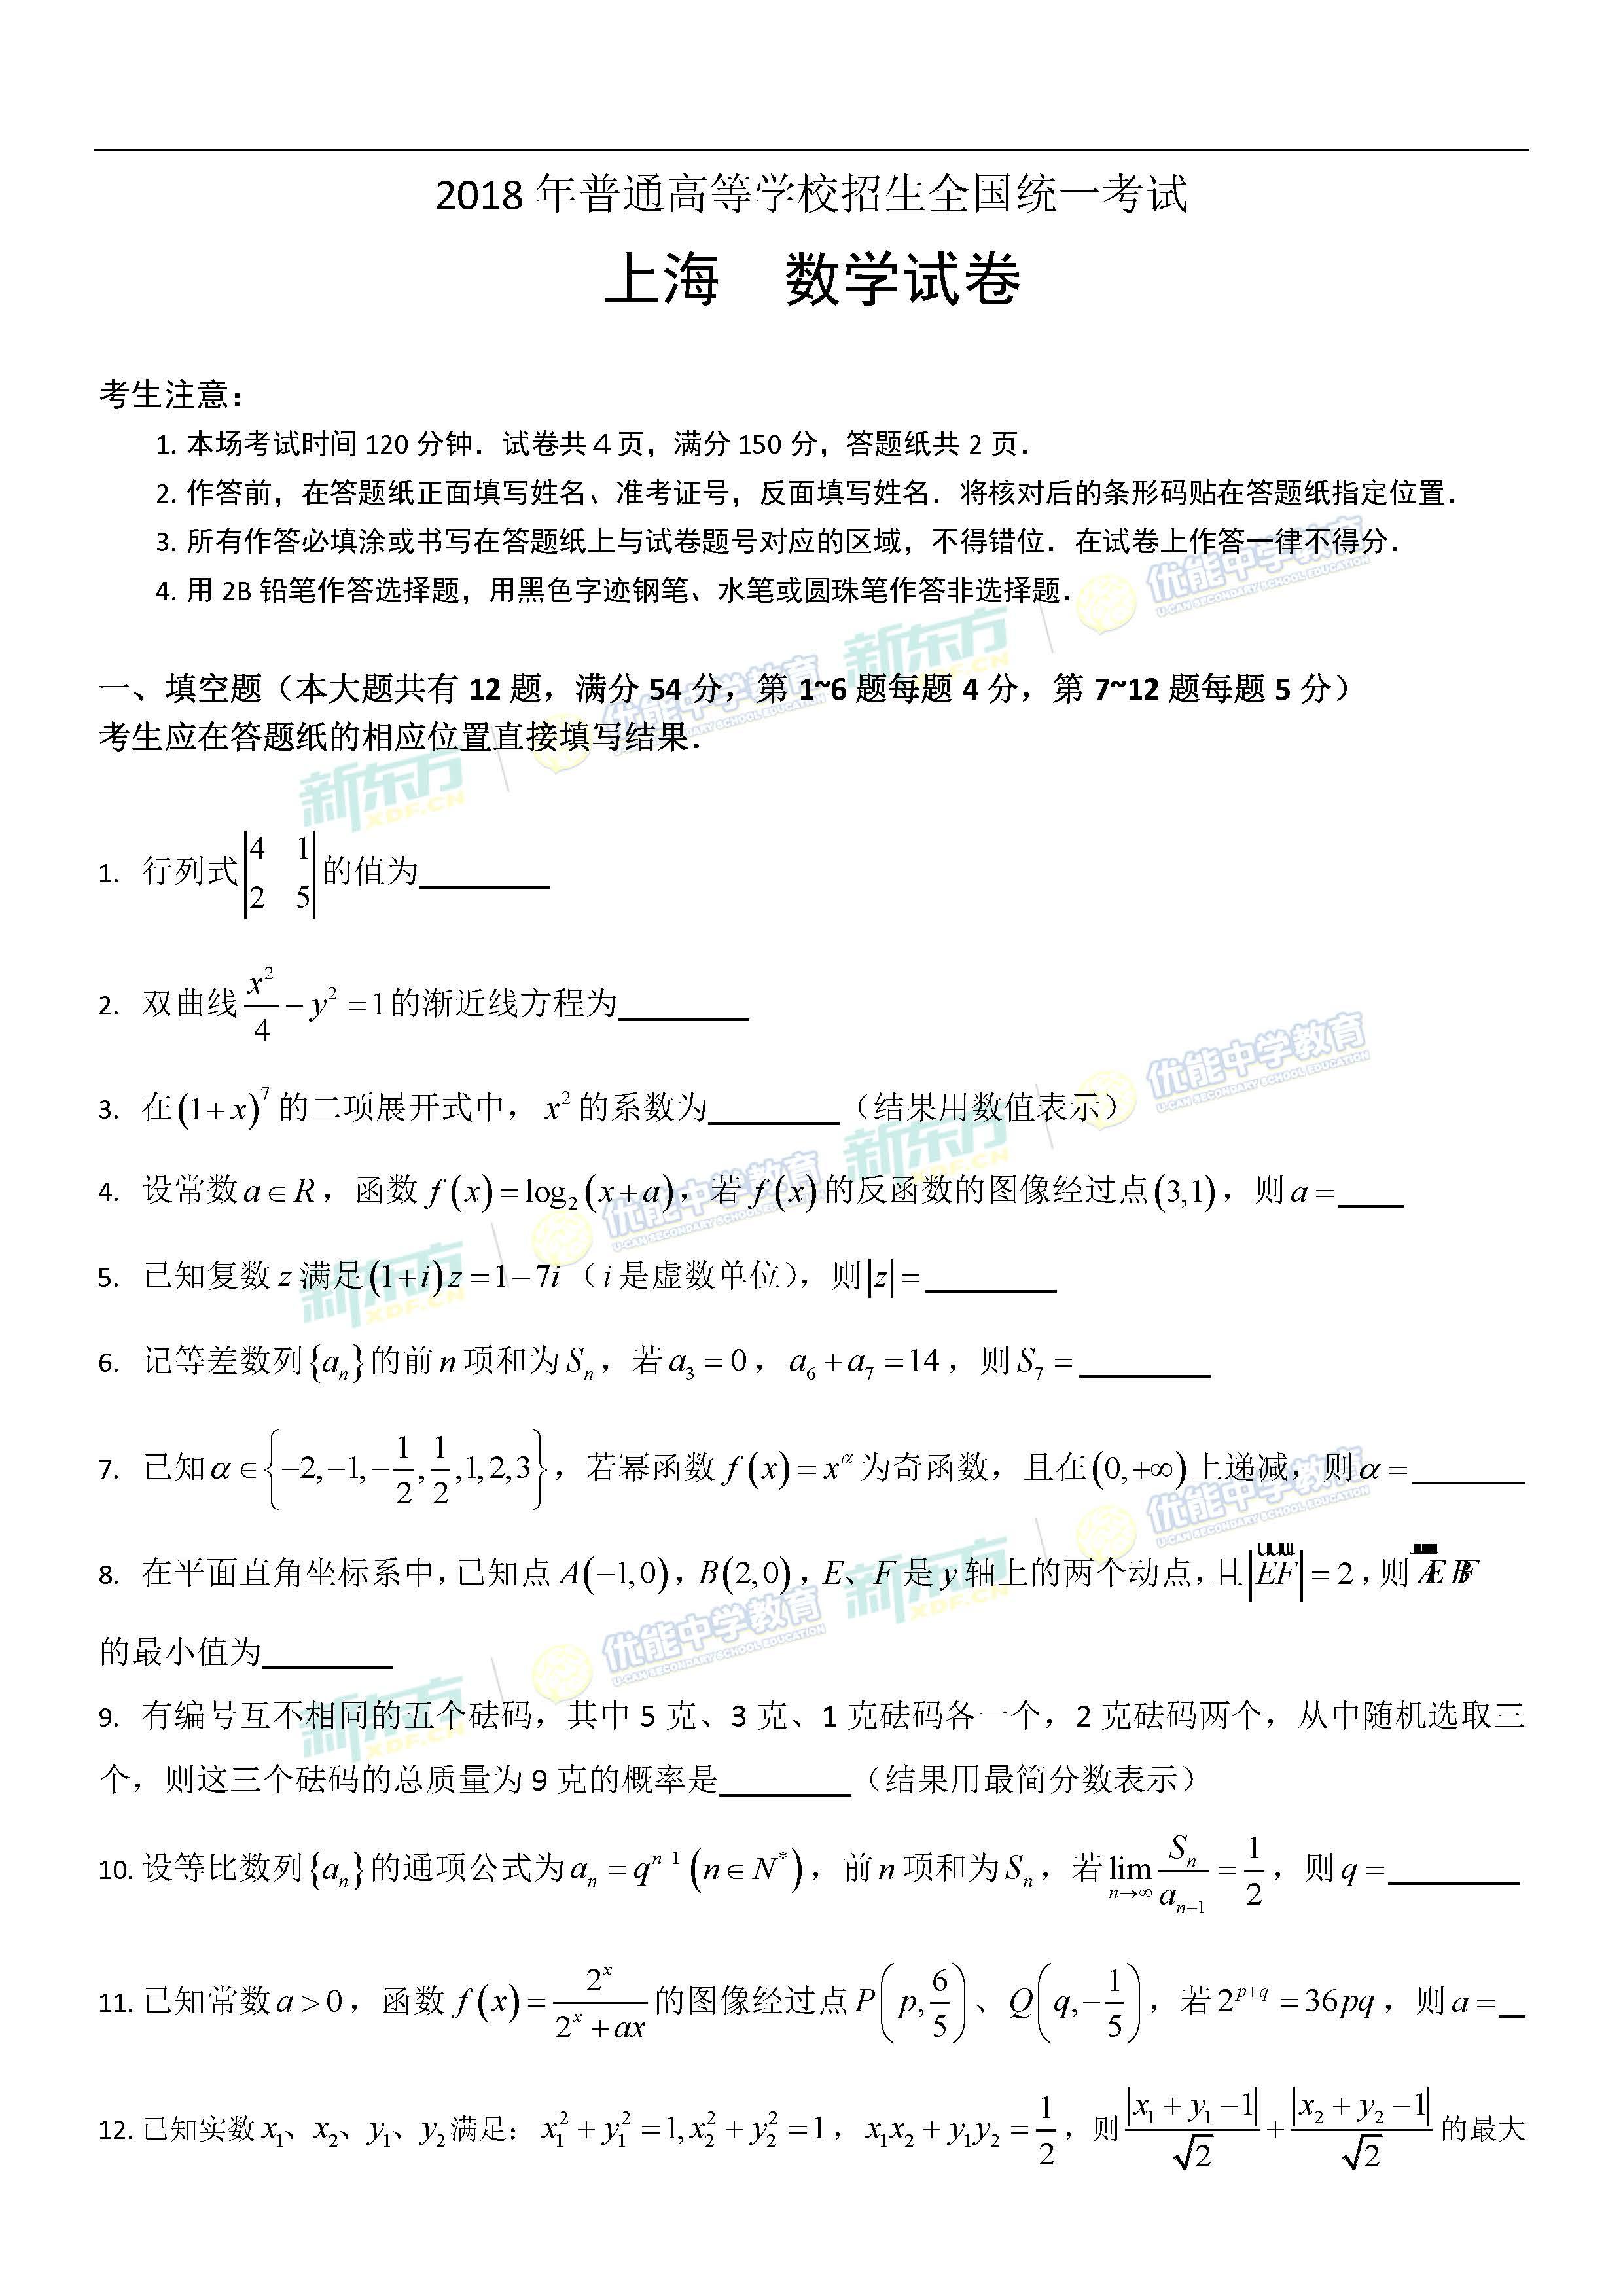 2018上海高考数学理试卷(上海新东方)